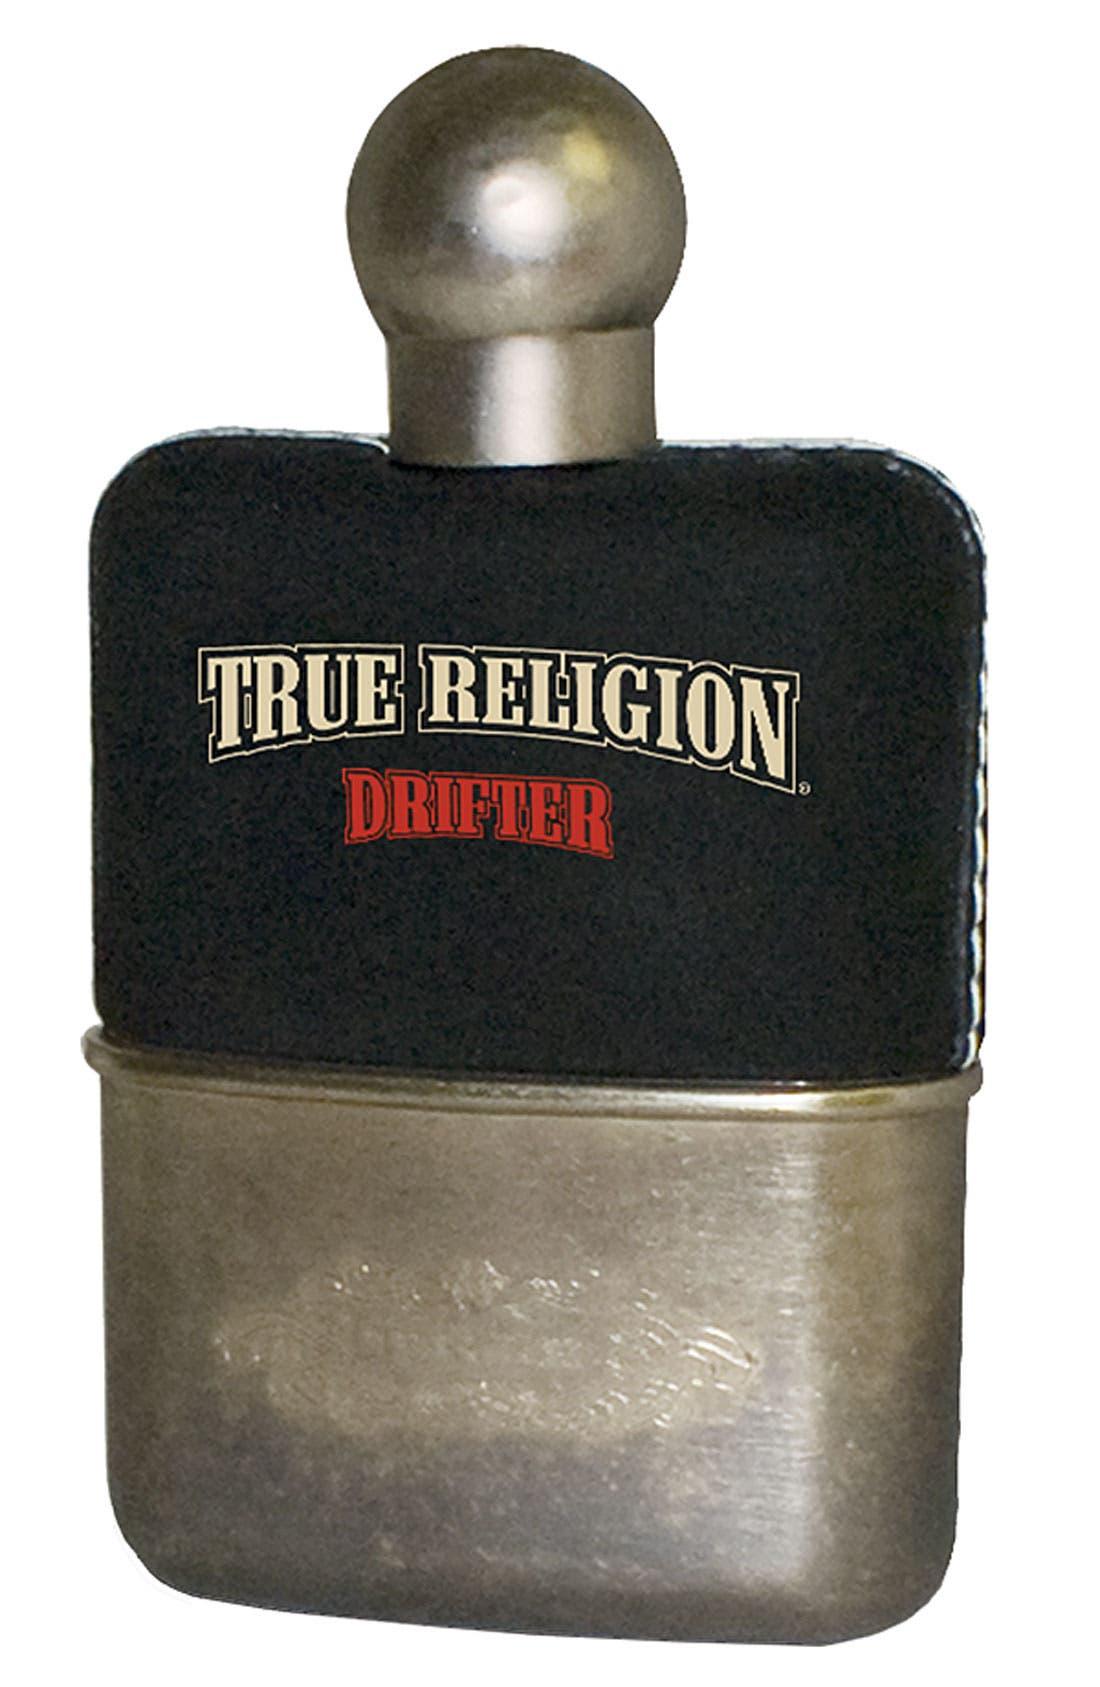 TRUE RELIGION BRAND JEANS,                             True Religion 'Drifter' Eau de Toilette,                             Main thumbnail 1, color,                             000